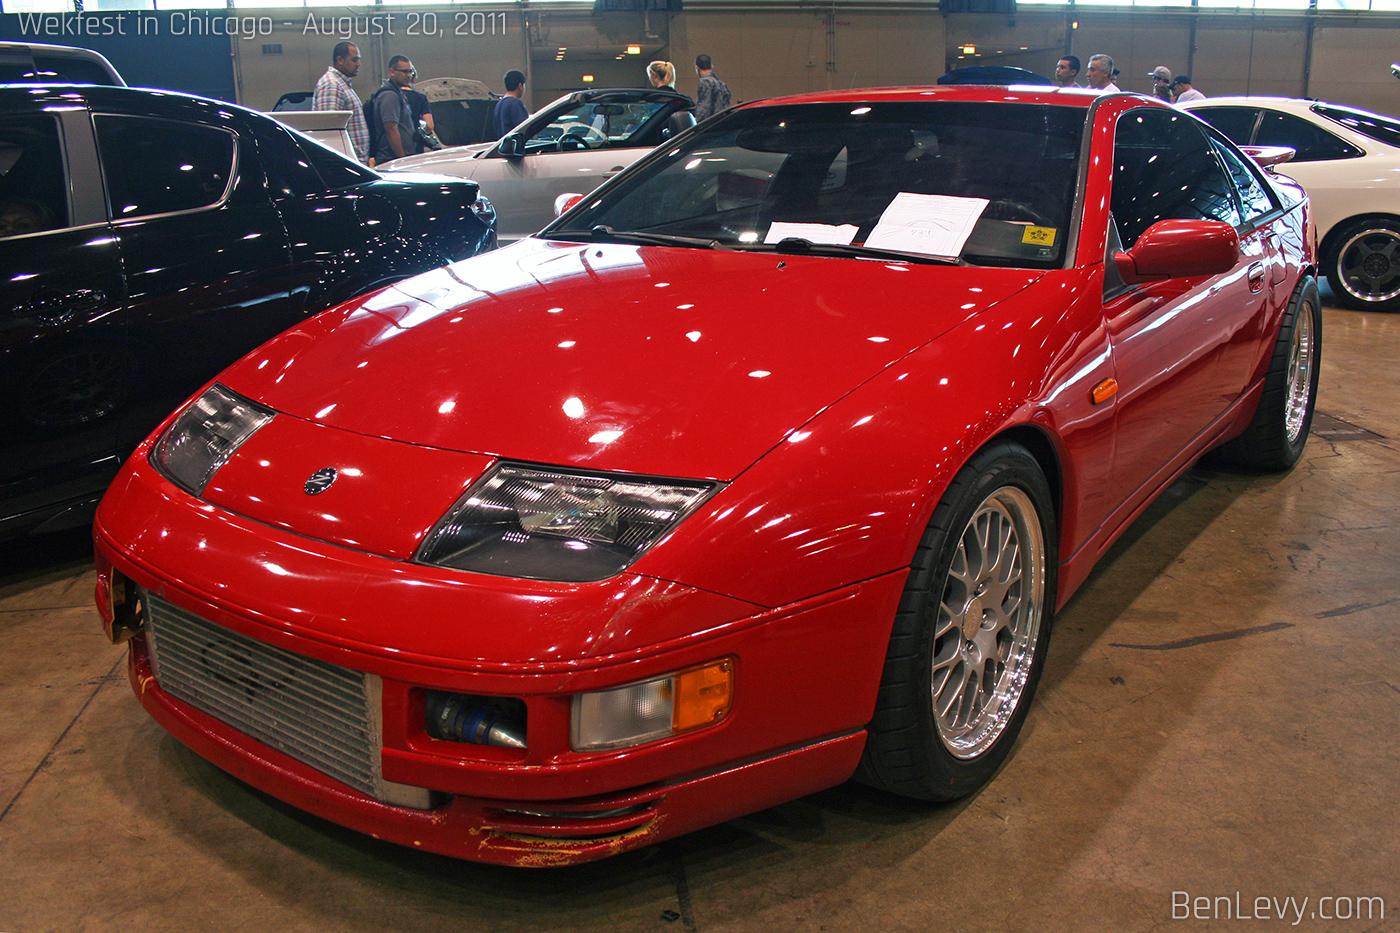 Red Nissan 300zx Tt Benlevy Com